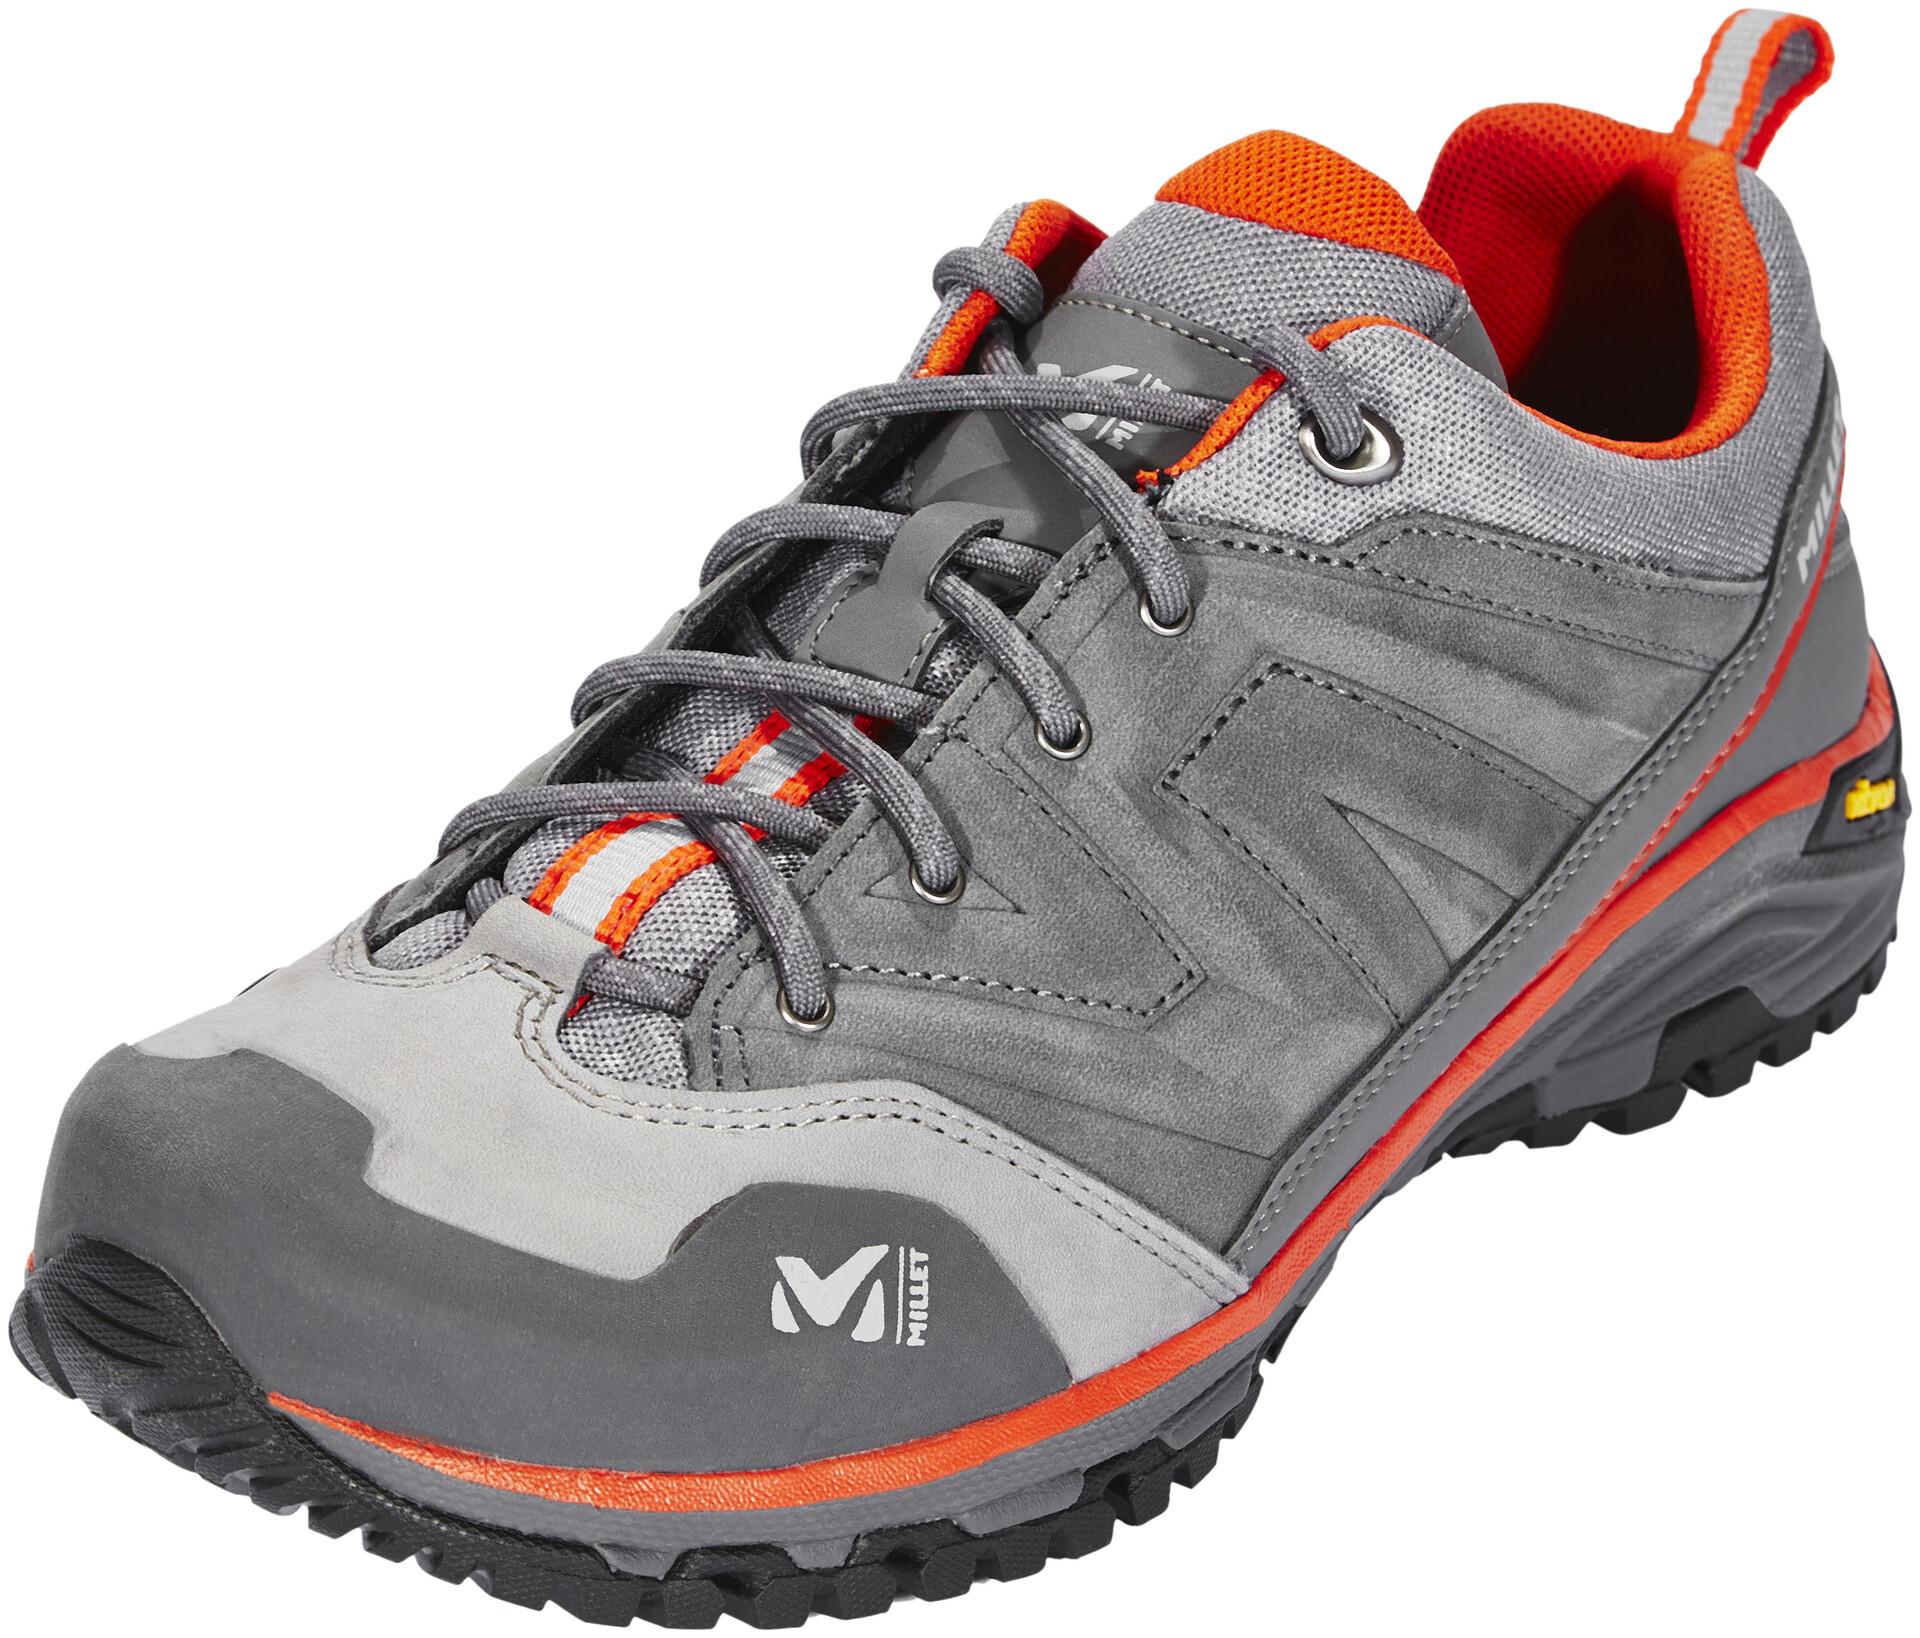 Millet Hike Up Low Cut Schuhe Herren tarmacorange